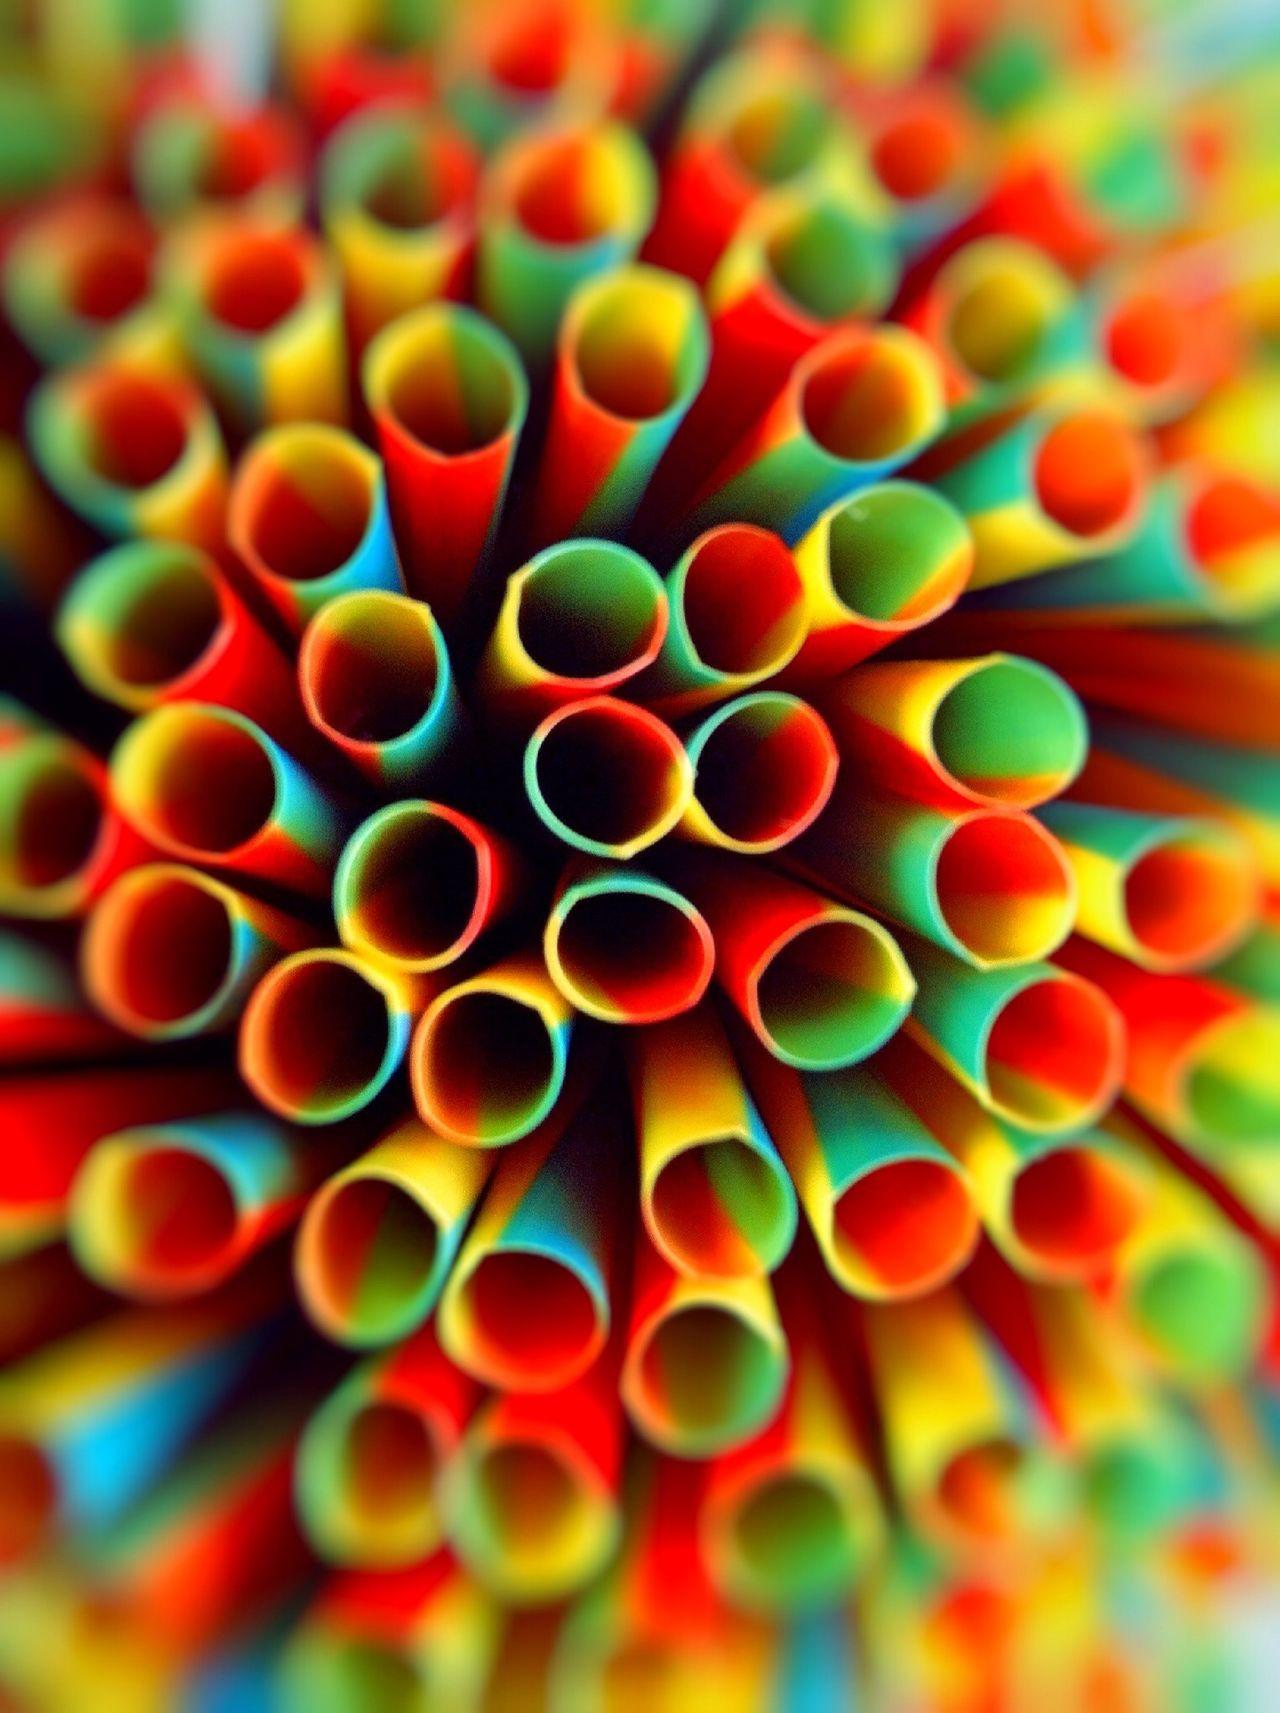 Beautiful stock photos of abstract, Abundance, Backgrounds, Circle, Close-Up